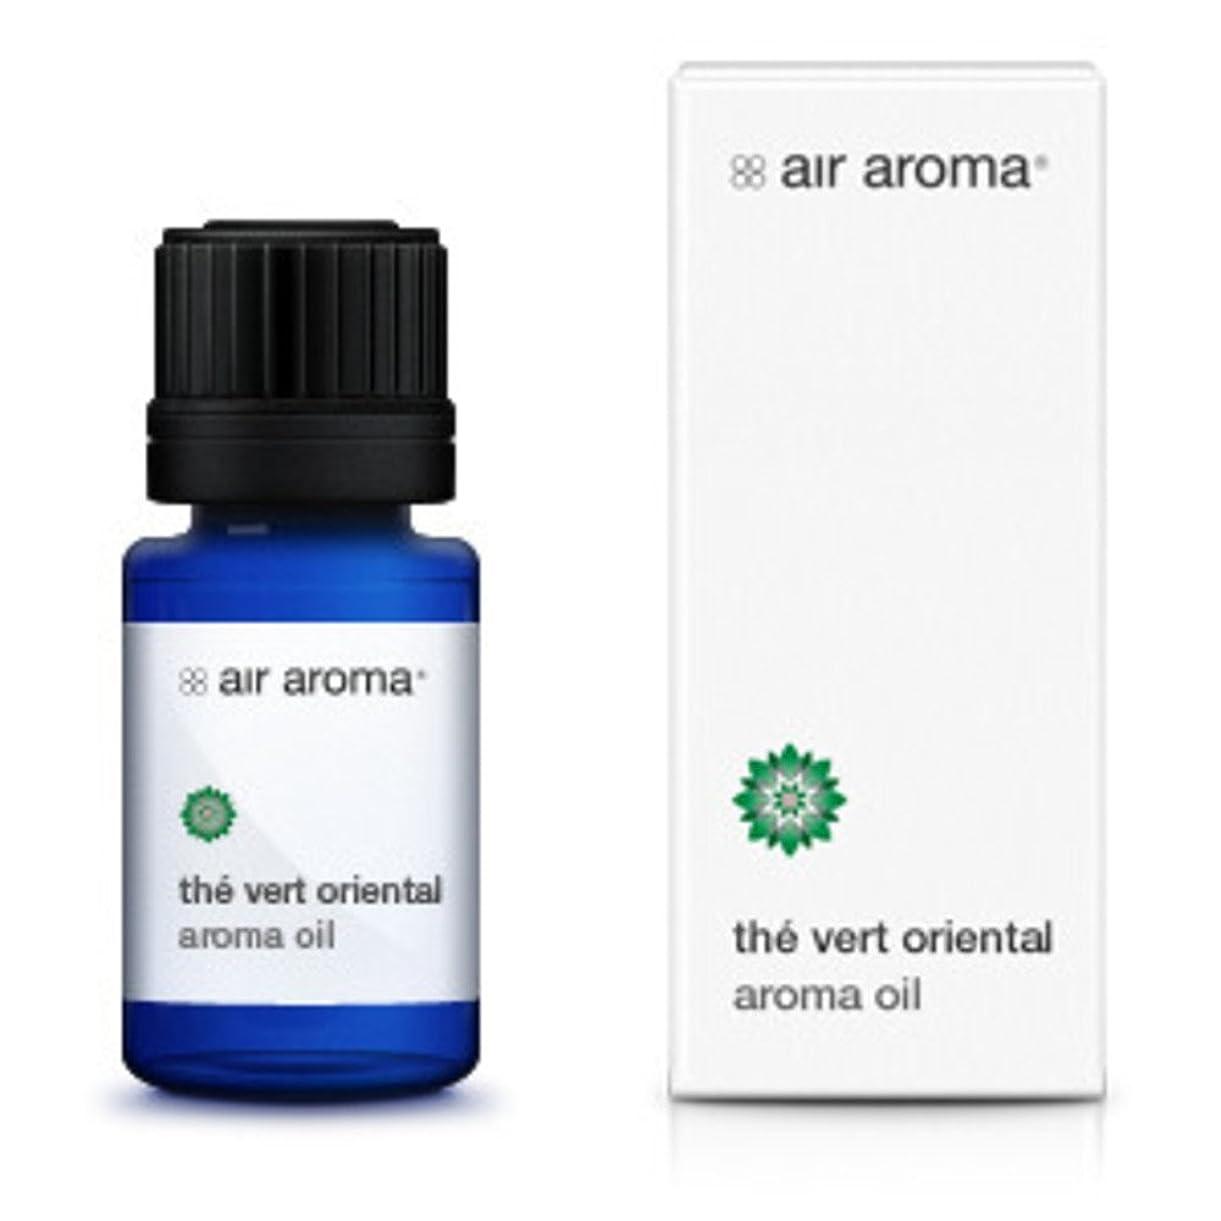 ライド階トリプルエアアロマ the vert oriental (テヴェールオリエンタル) 250ml [並行輸入品]